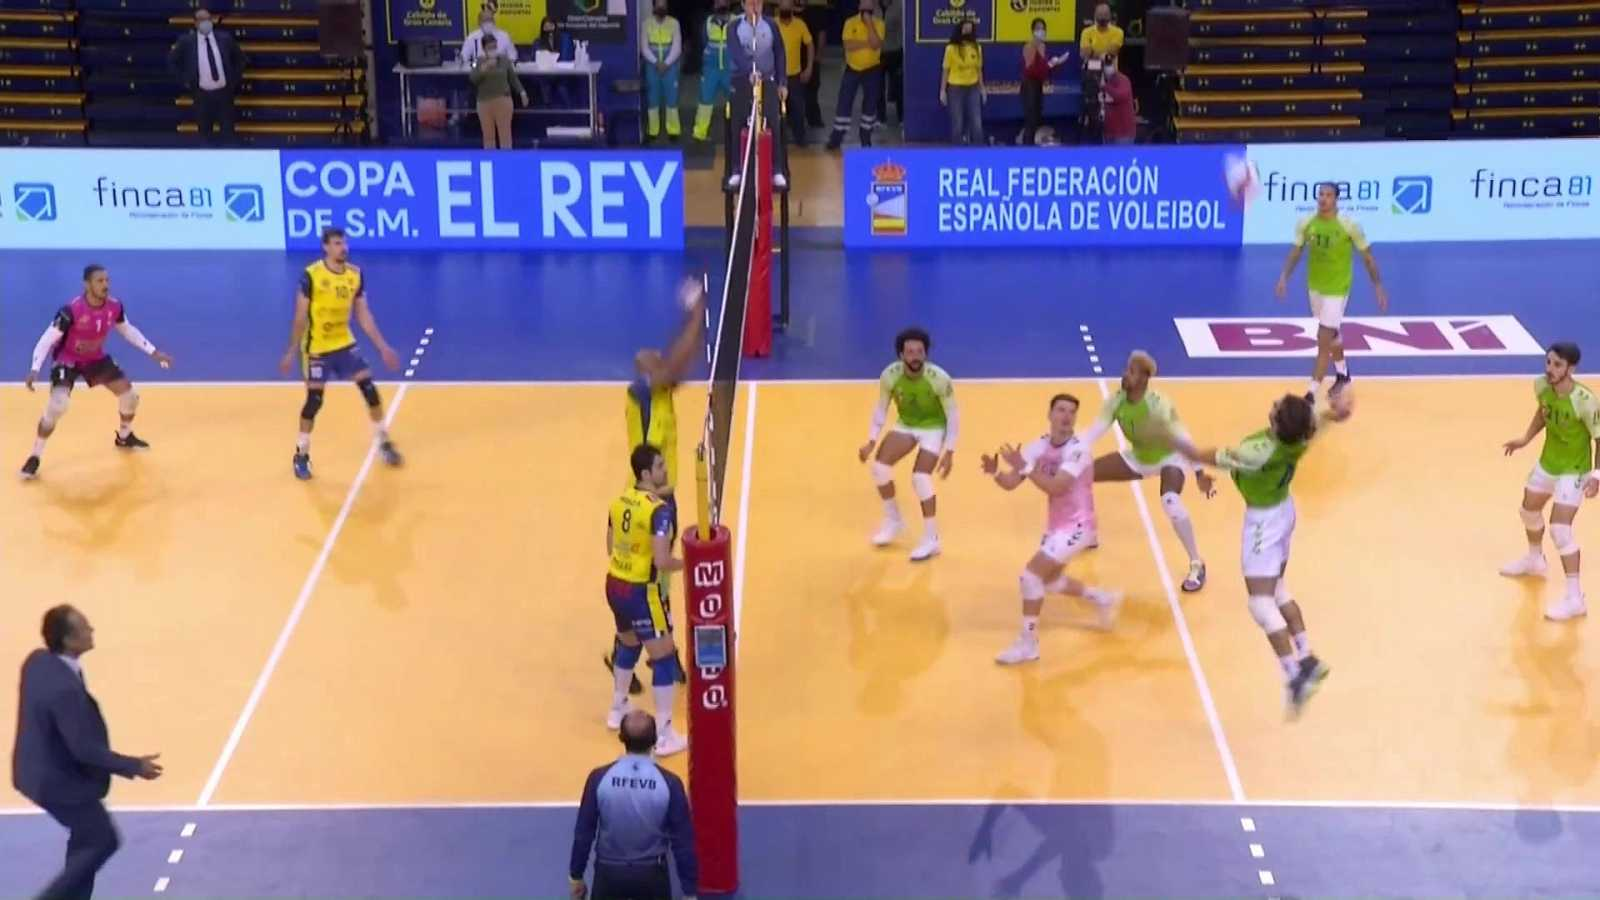 Voleibol - Copa del Rey. Final - ver ahora